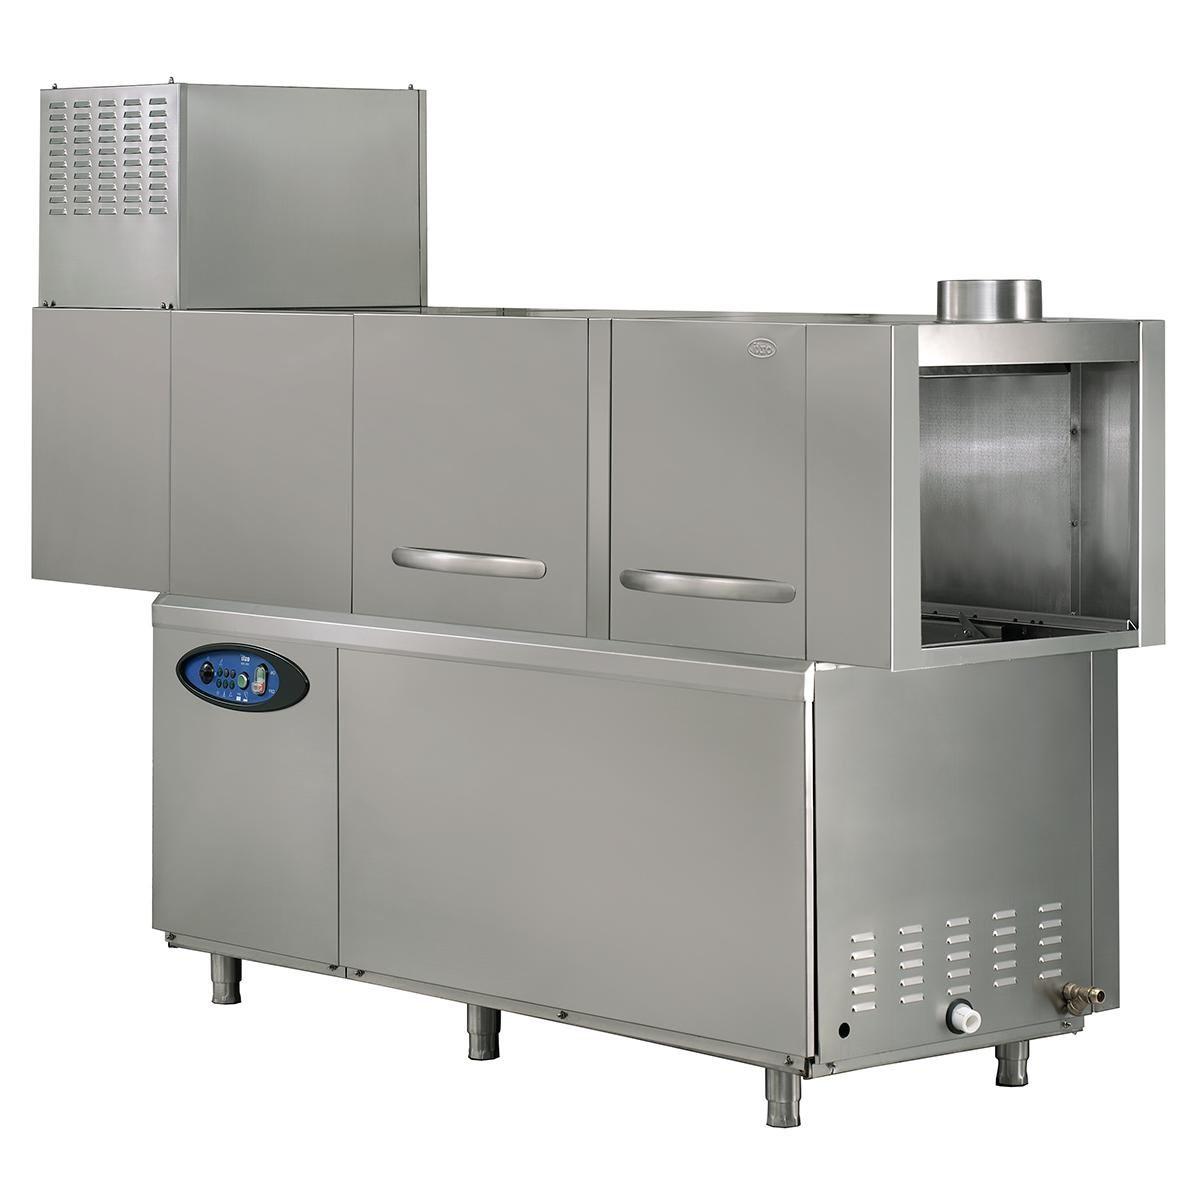 Посудомийна машина OZTI OBK 2000 T / S / з сушкою